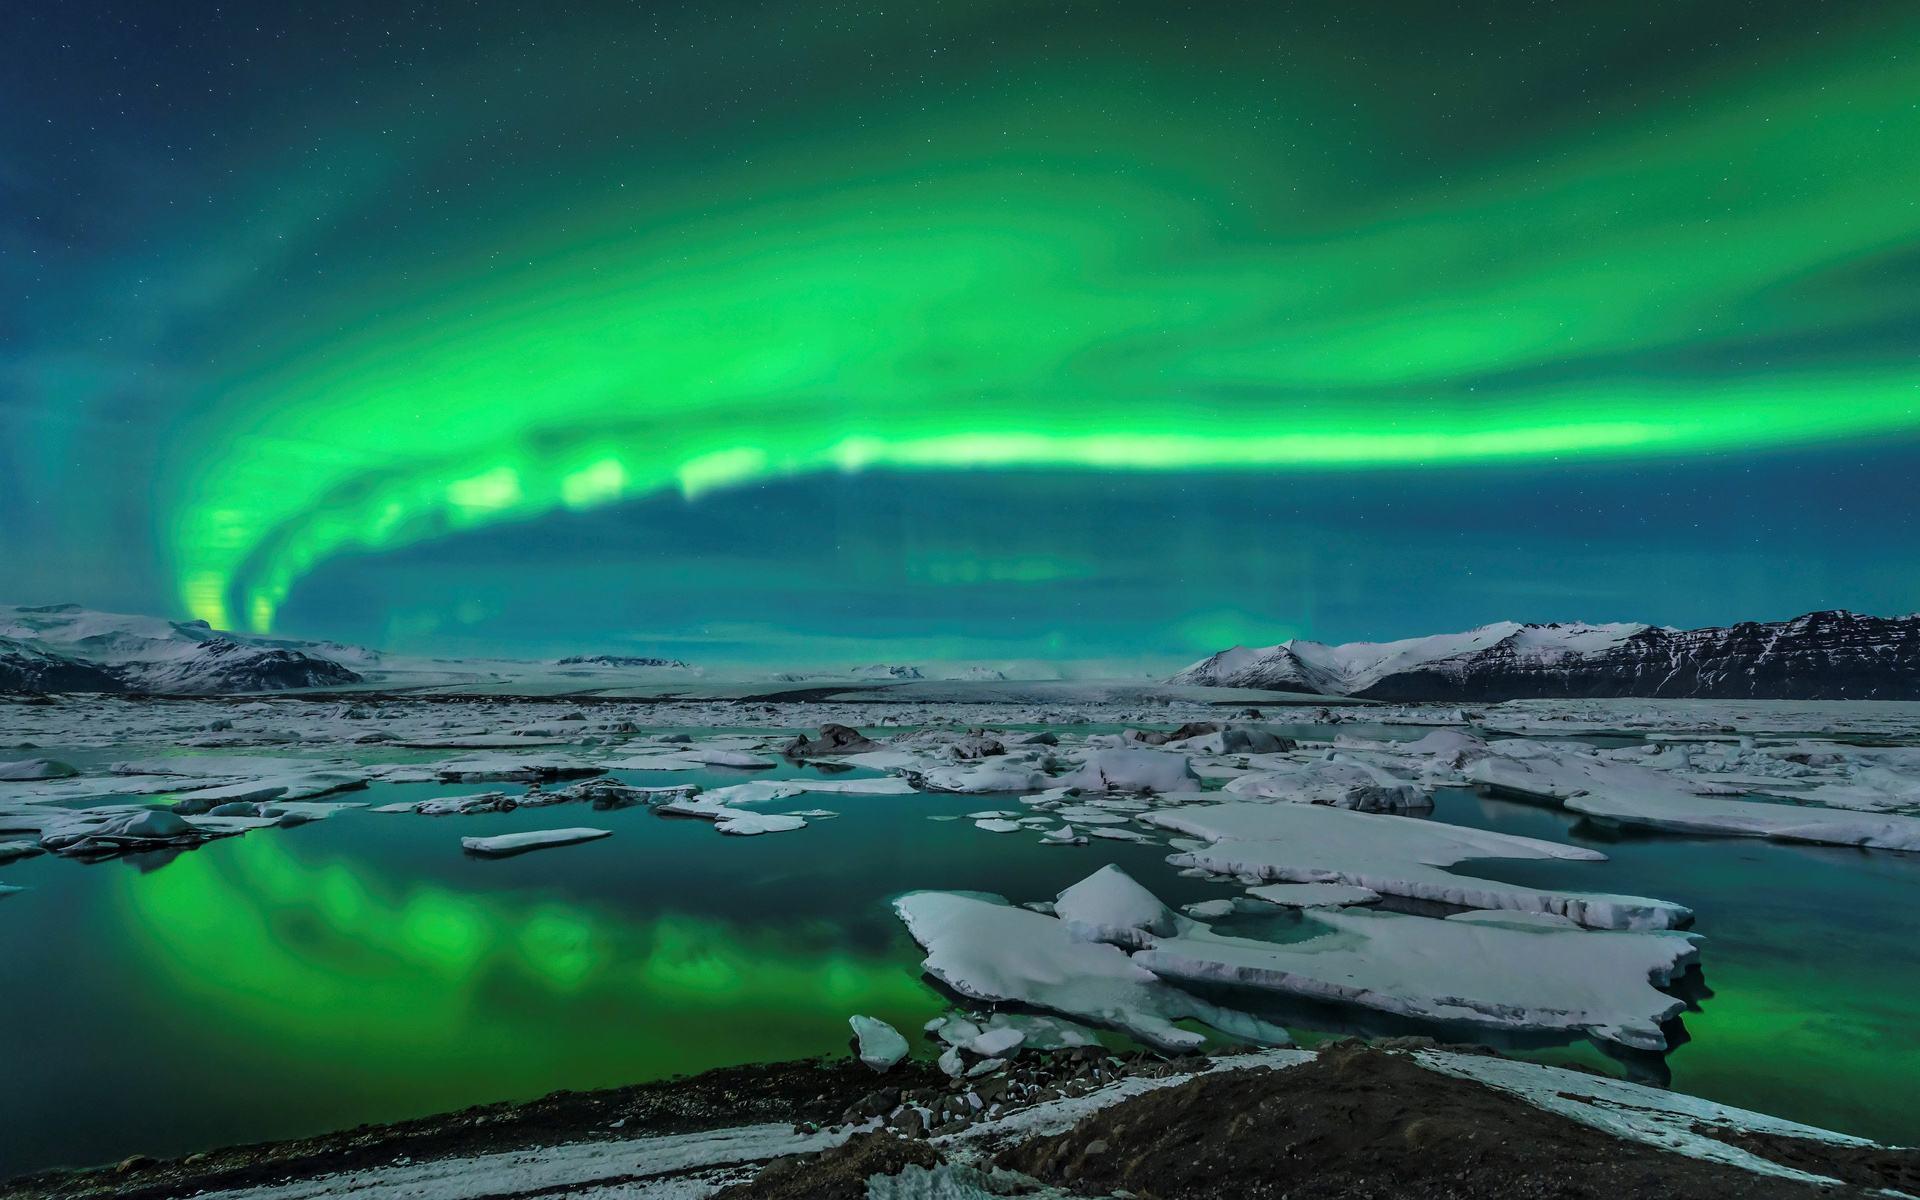 世界尽头的冰岛夏日,体验一场冰与火之歌(下)